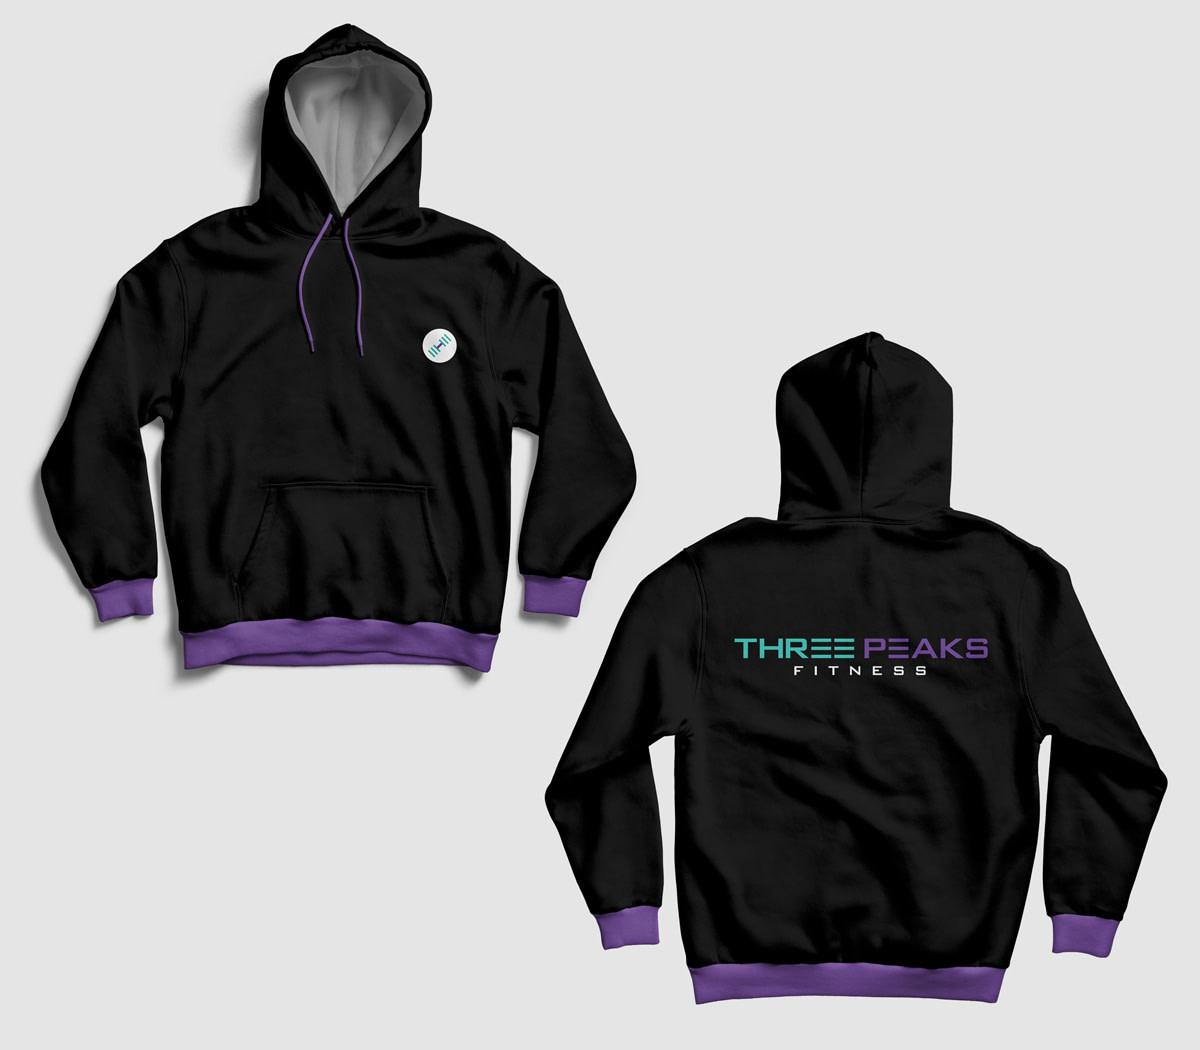 three peaks fitness hoodie mockup